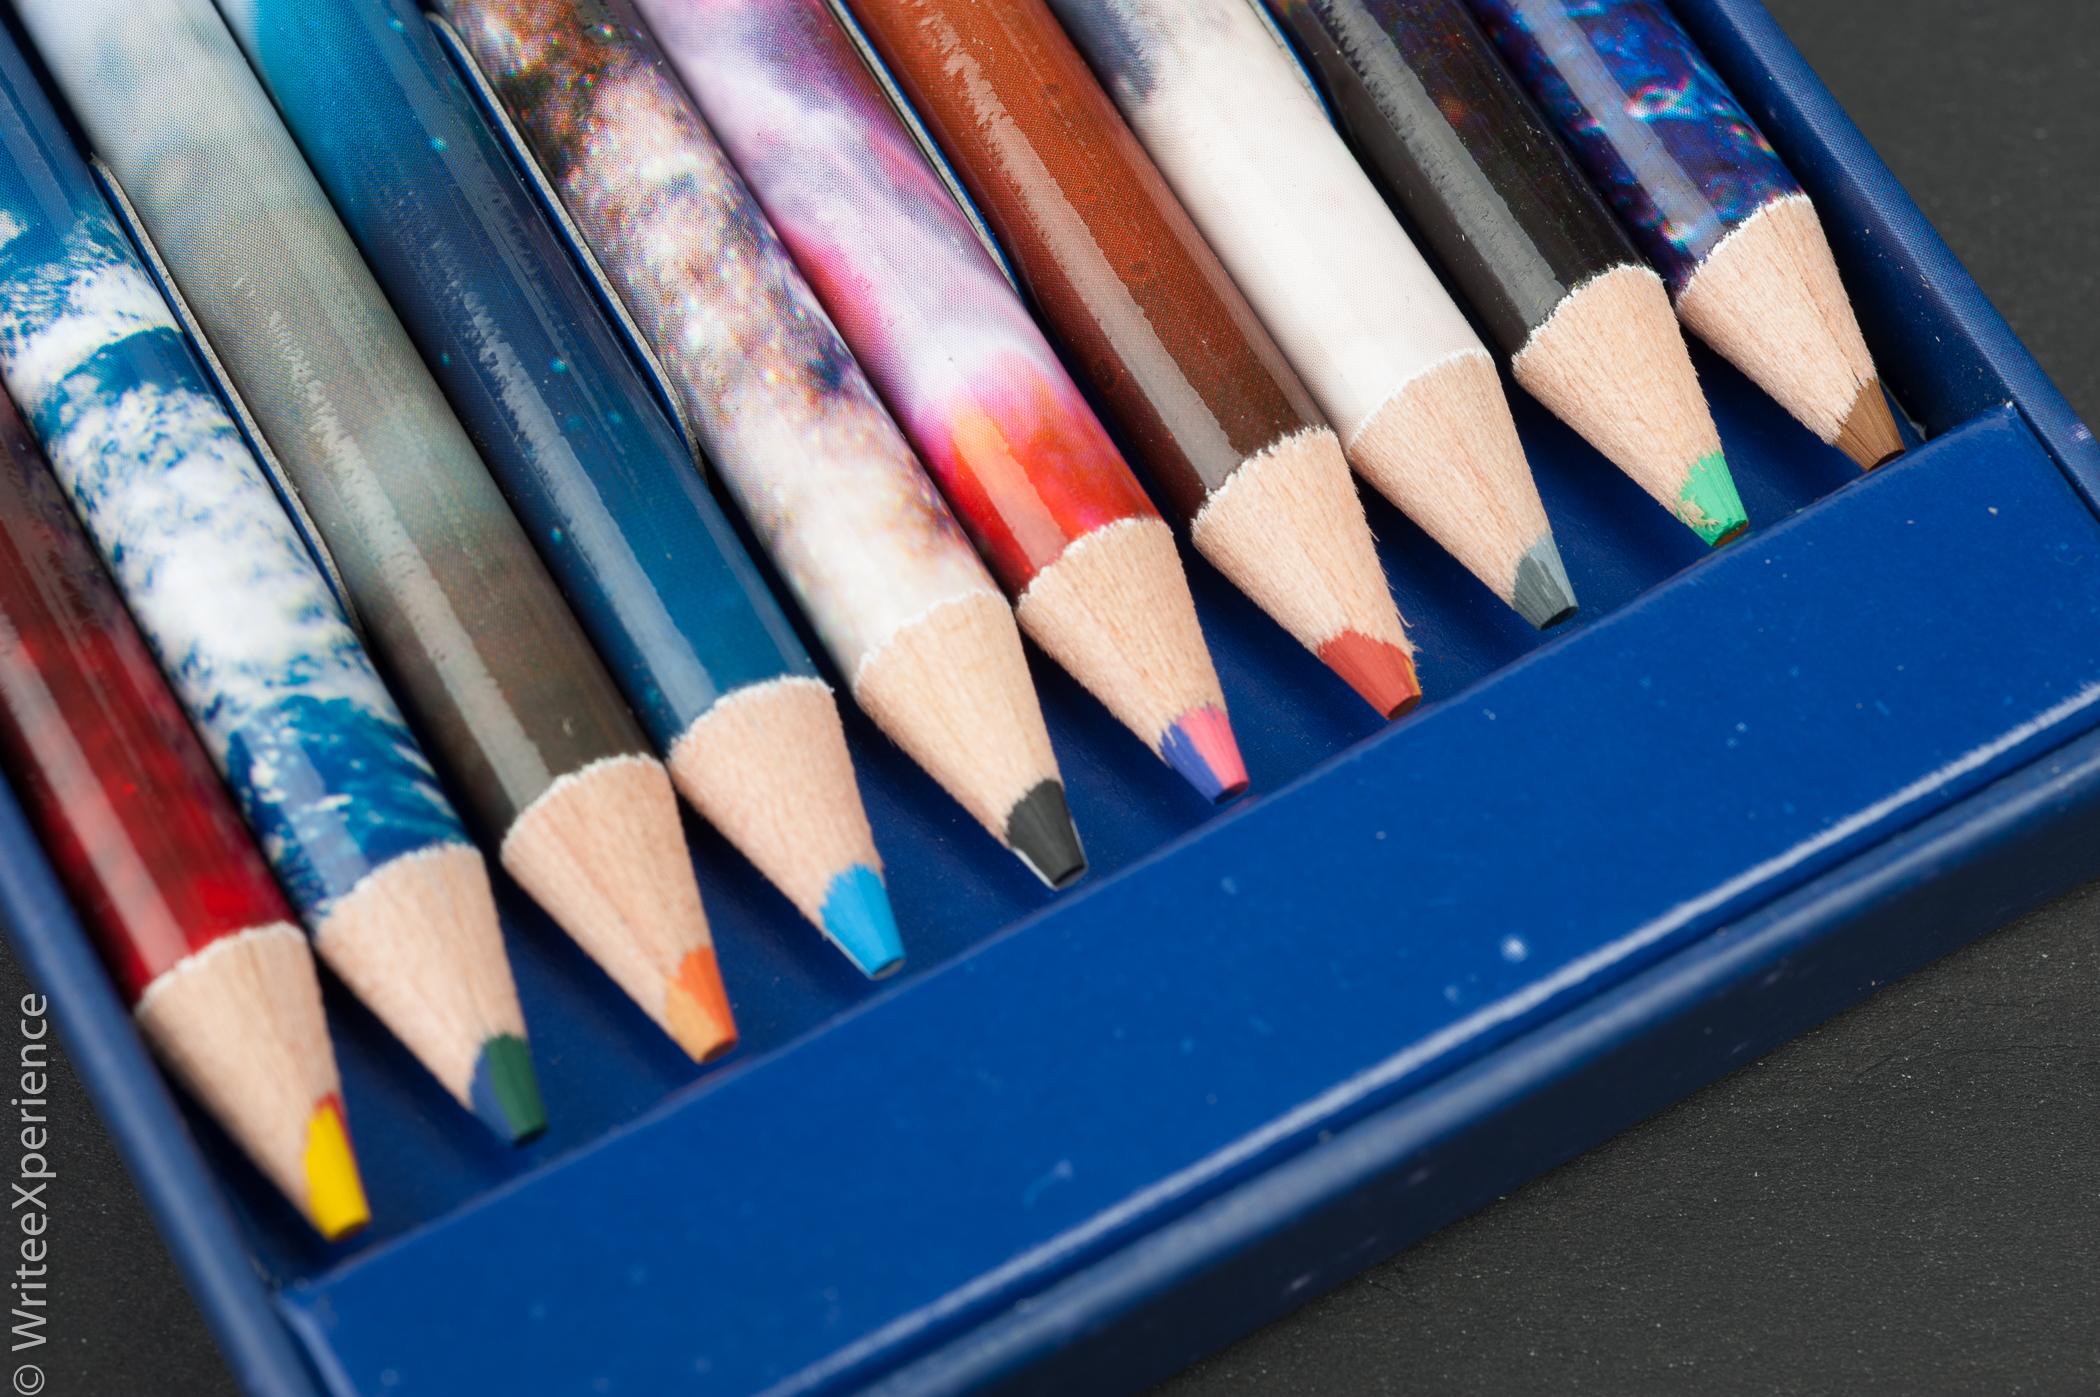 WriteeXperience-Space_Pencils-7.jpg